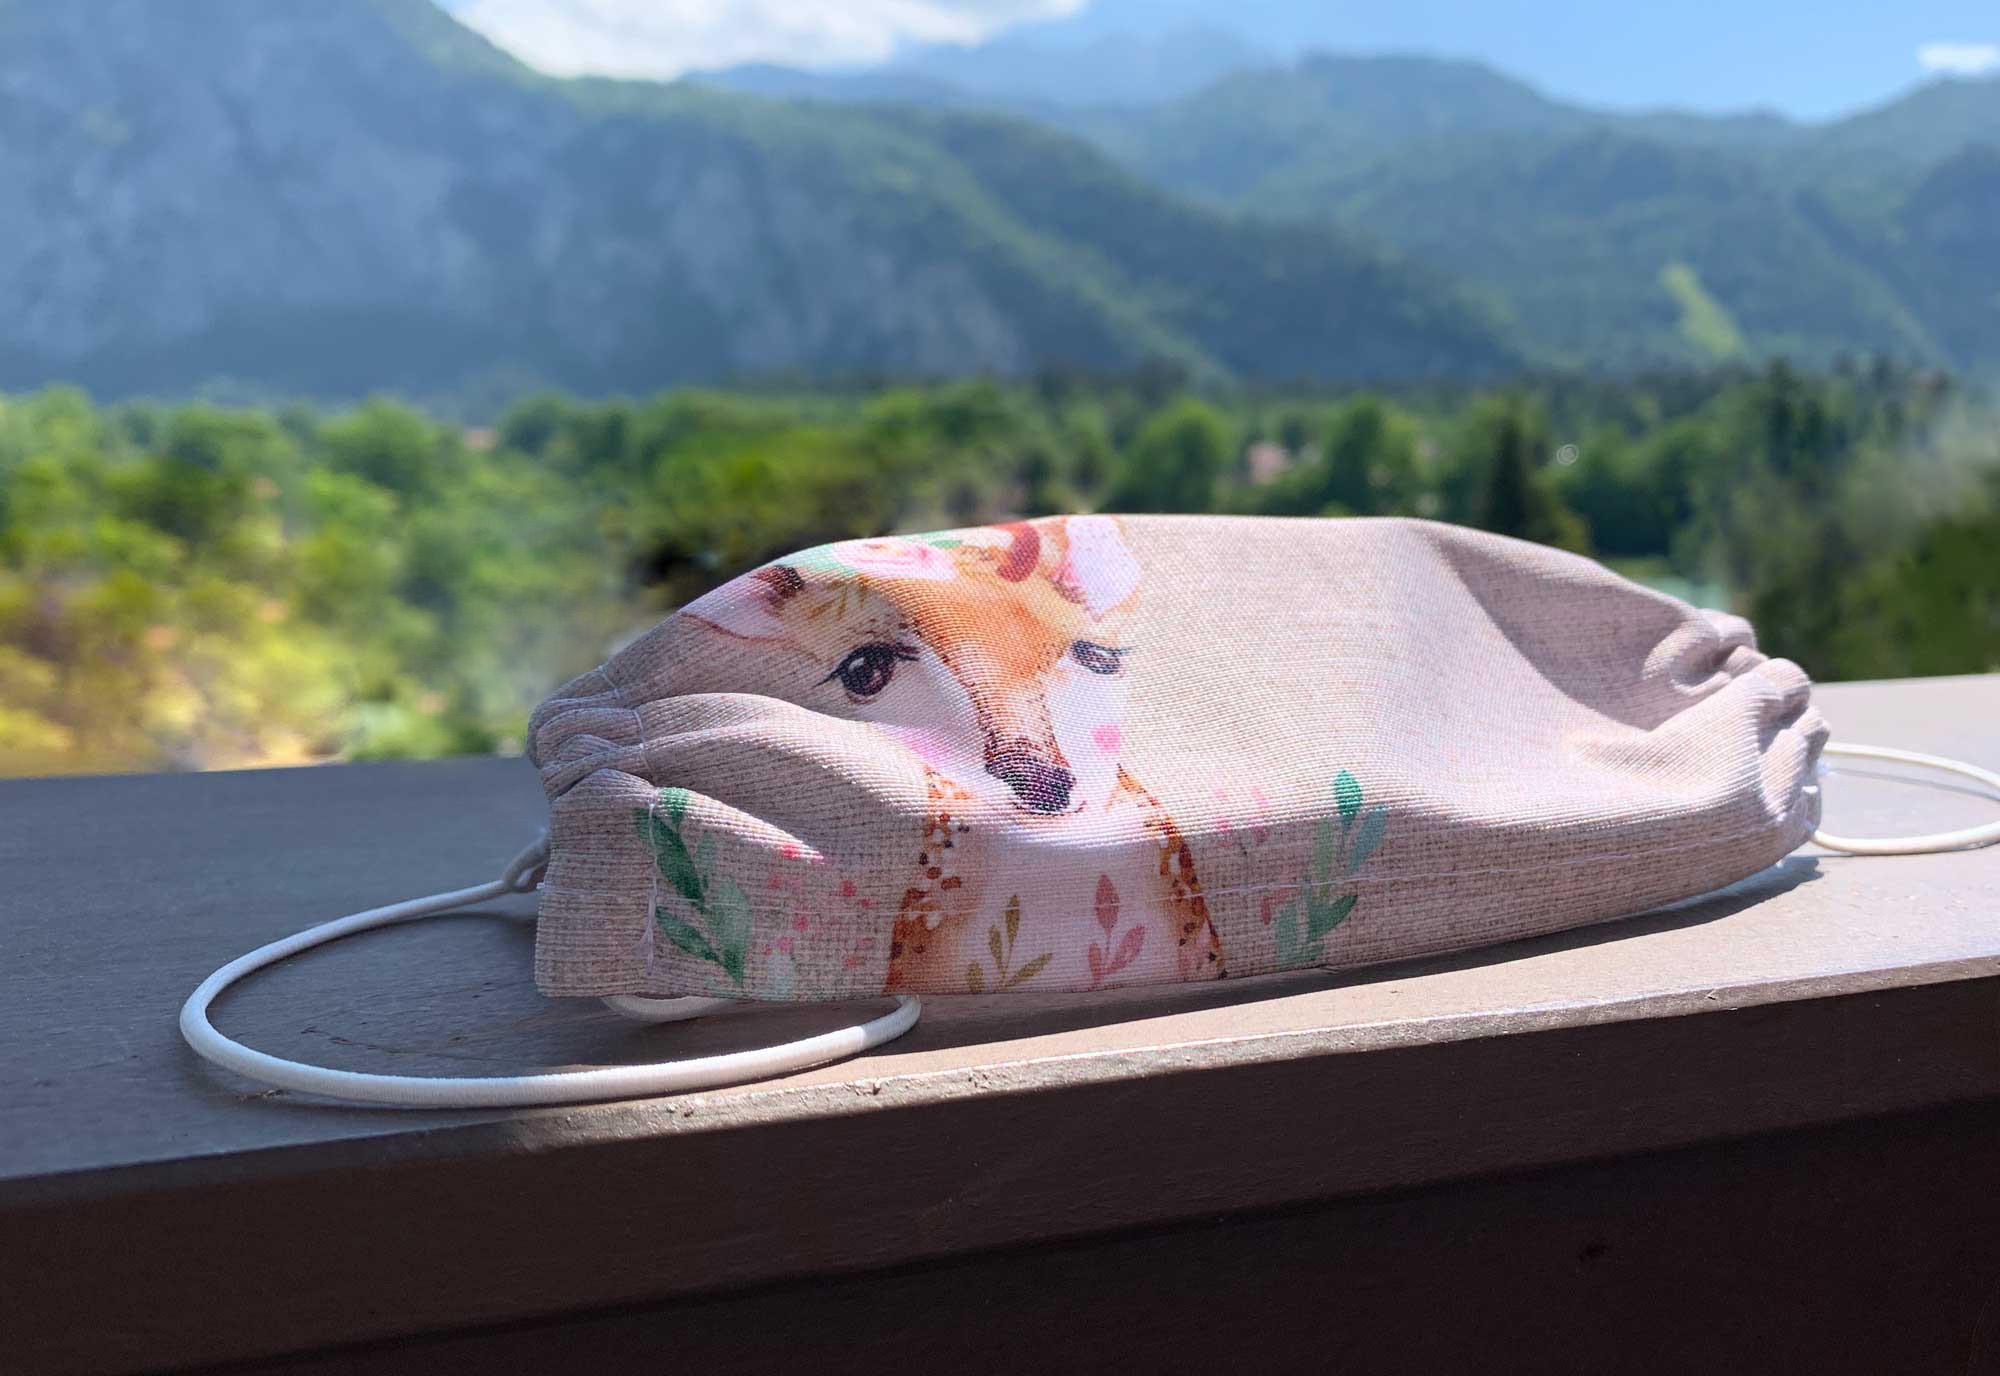 kartlerei bayrische masken bambi in den bergen - Bayrische Mund-Nasen-Masken